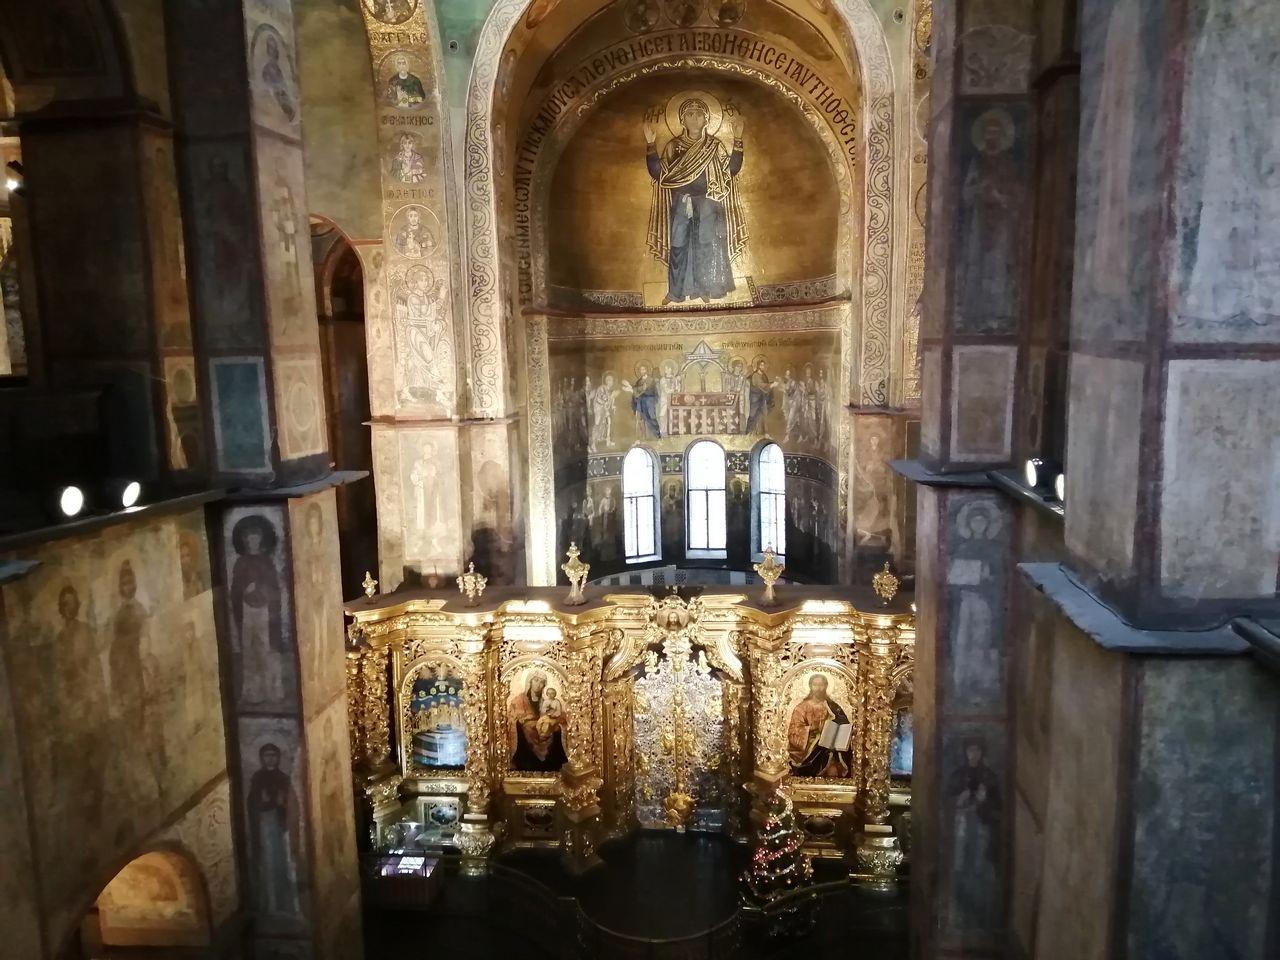 Cuánto cuesta un viaje a Kiev: la entrada a la Catedral de Santa Sofía no es gratuita.